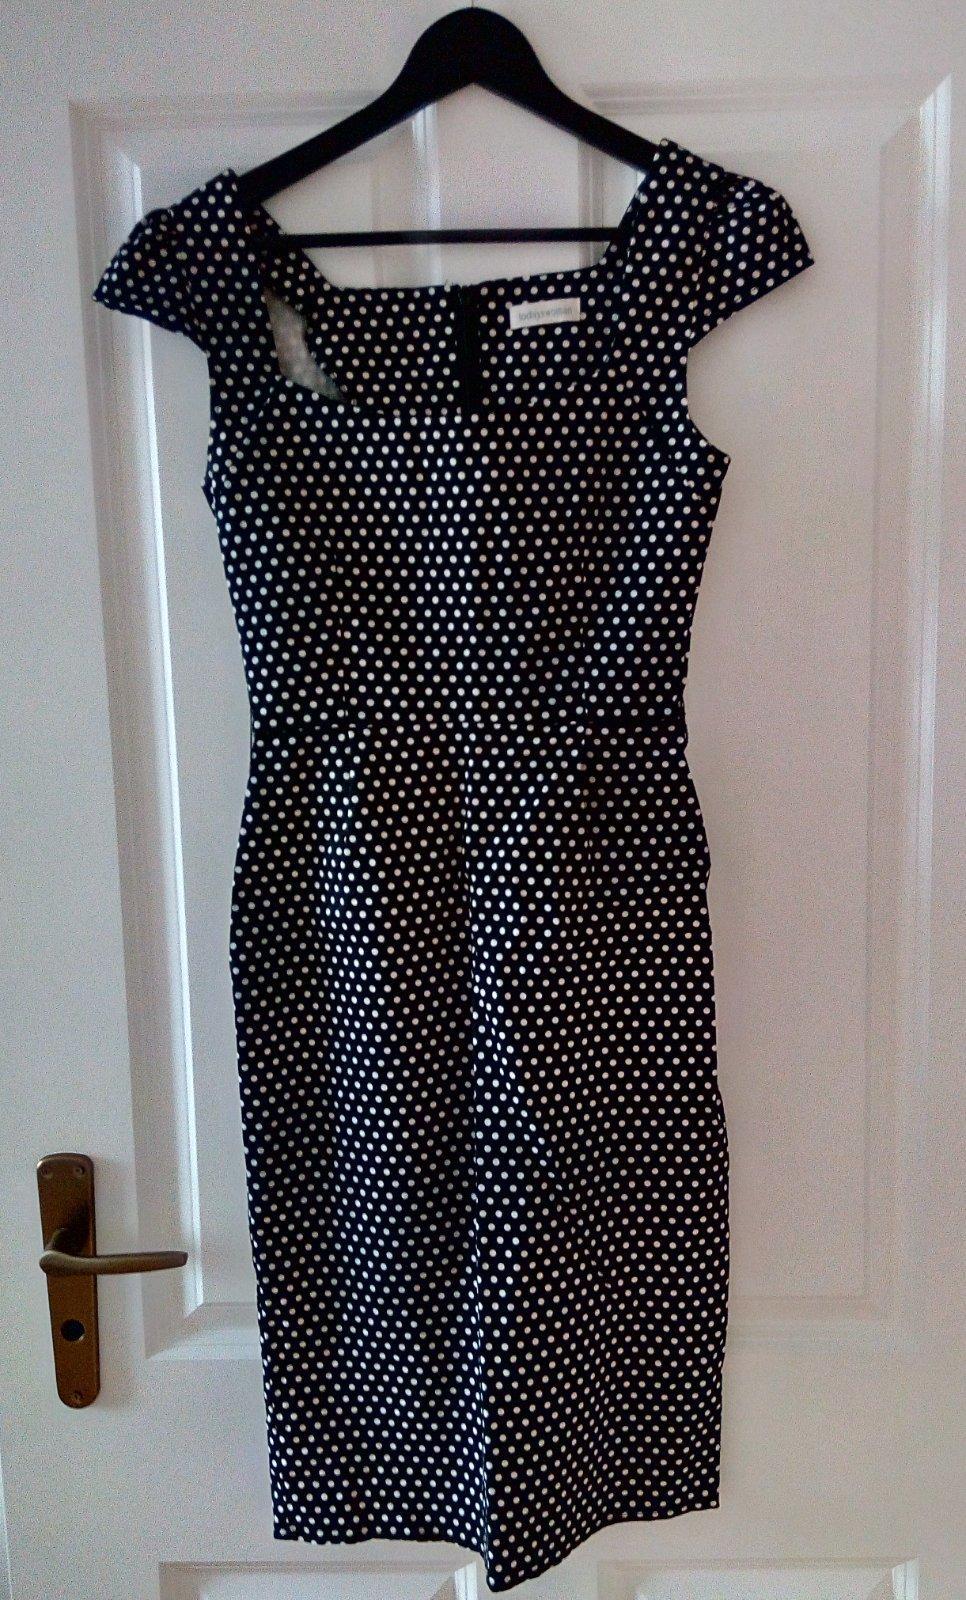 Čiernobiele bodkované šaty XS - Obrázok č. 1